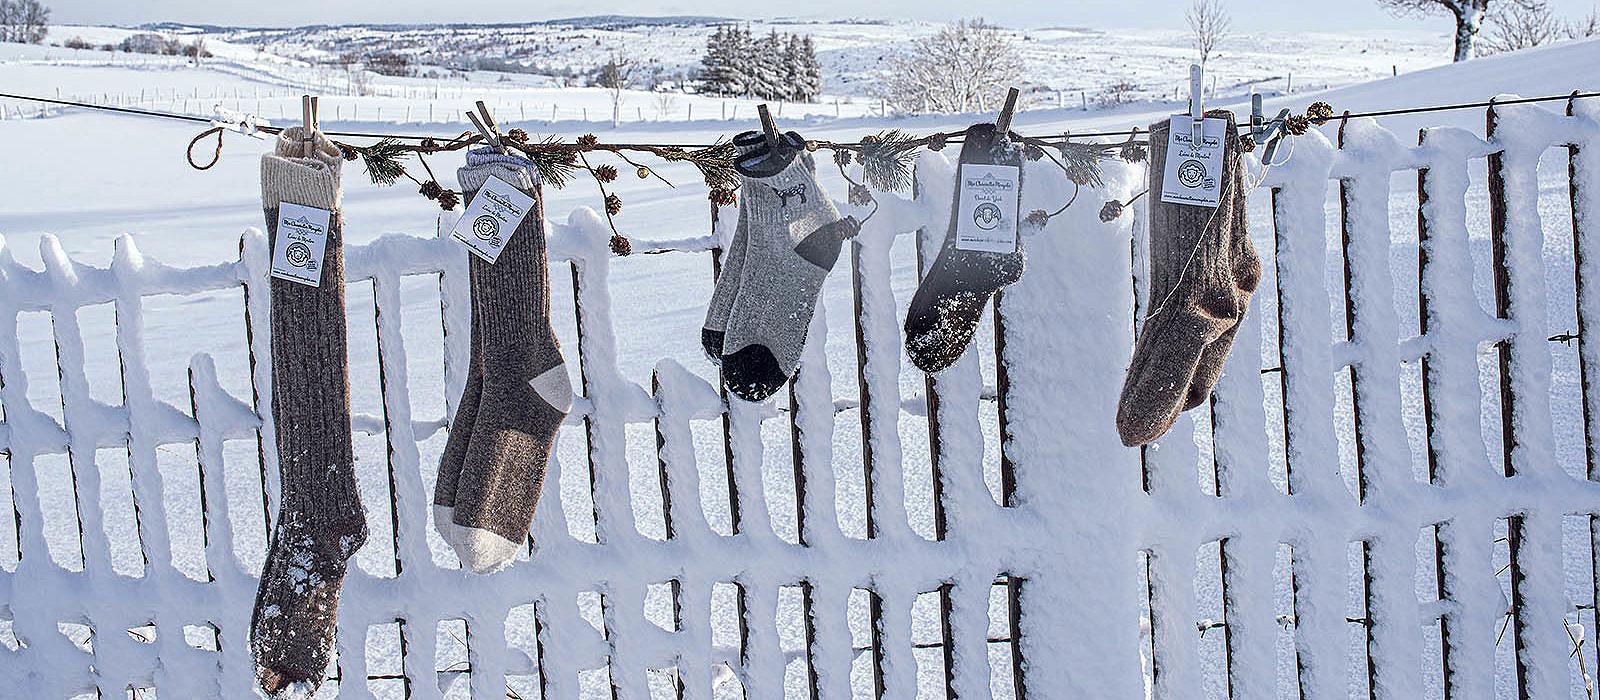 Meilleurs vœux 2021 - Équipe Mes chaussettes mongoles